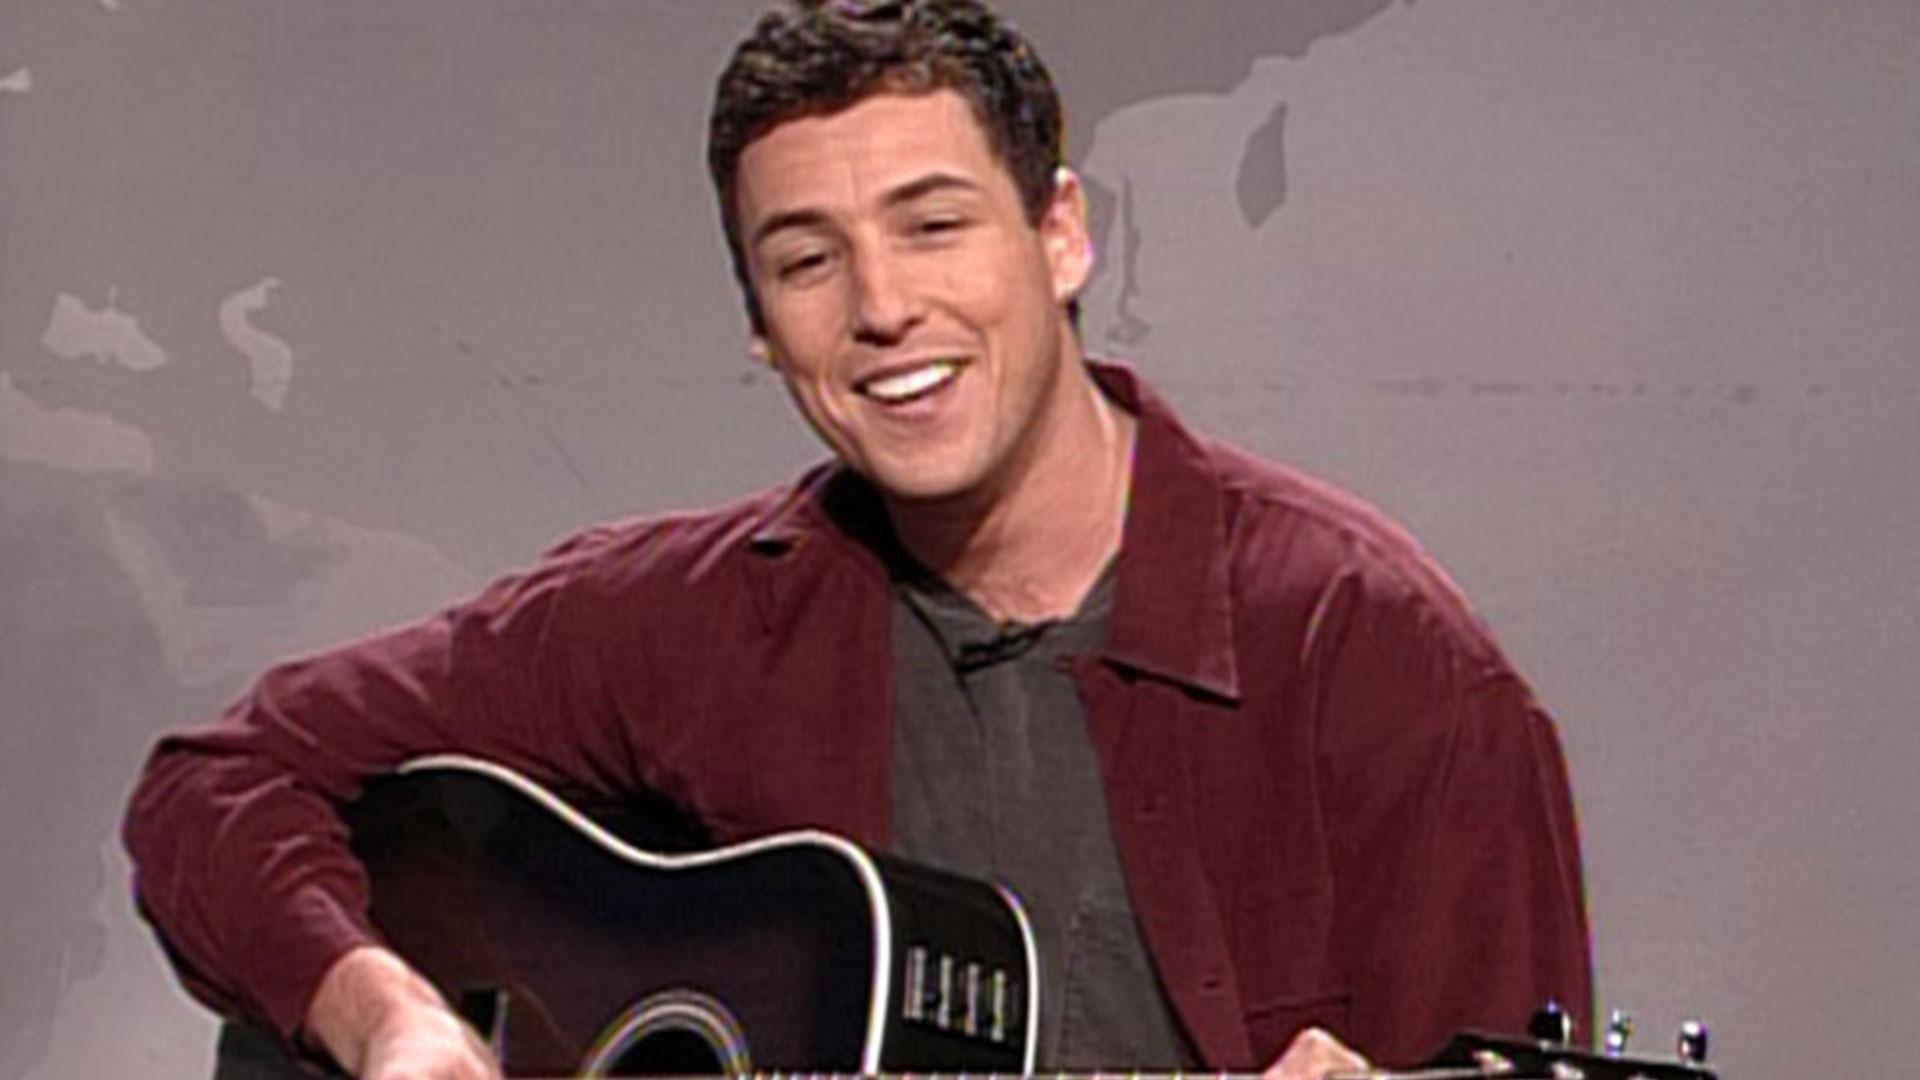 Adam sandler hanukkah song lyric